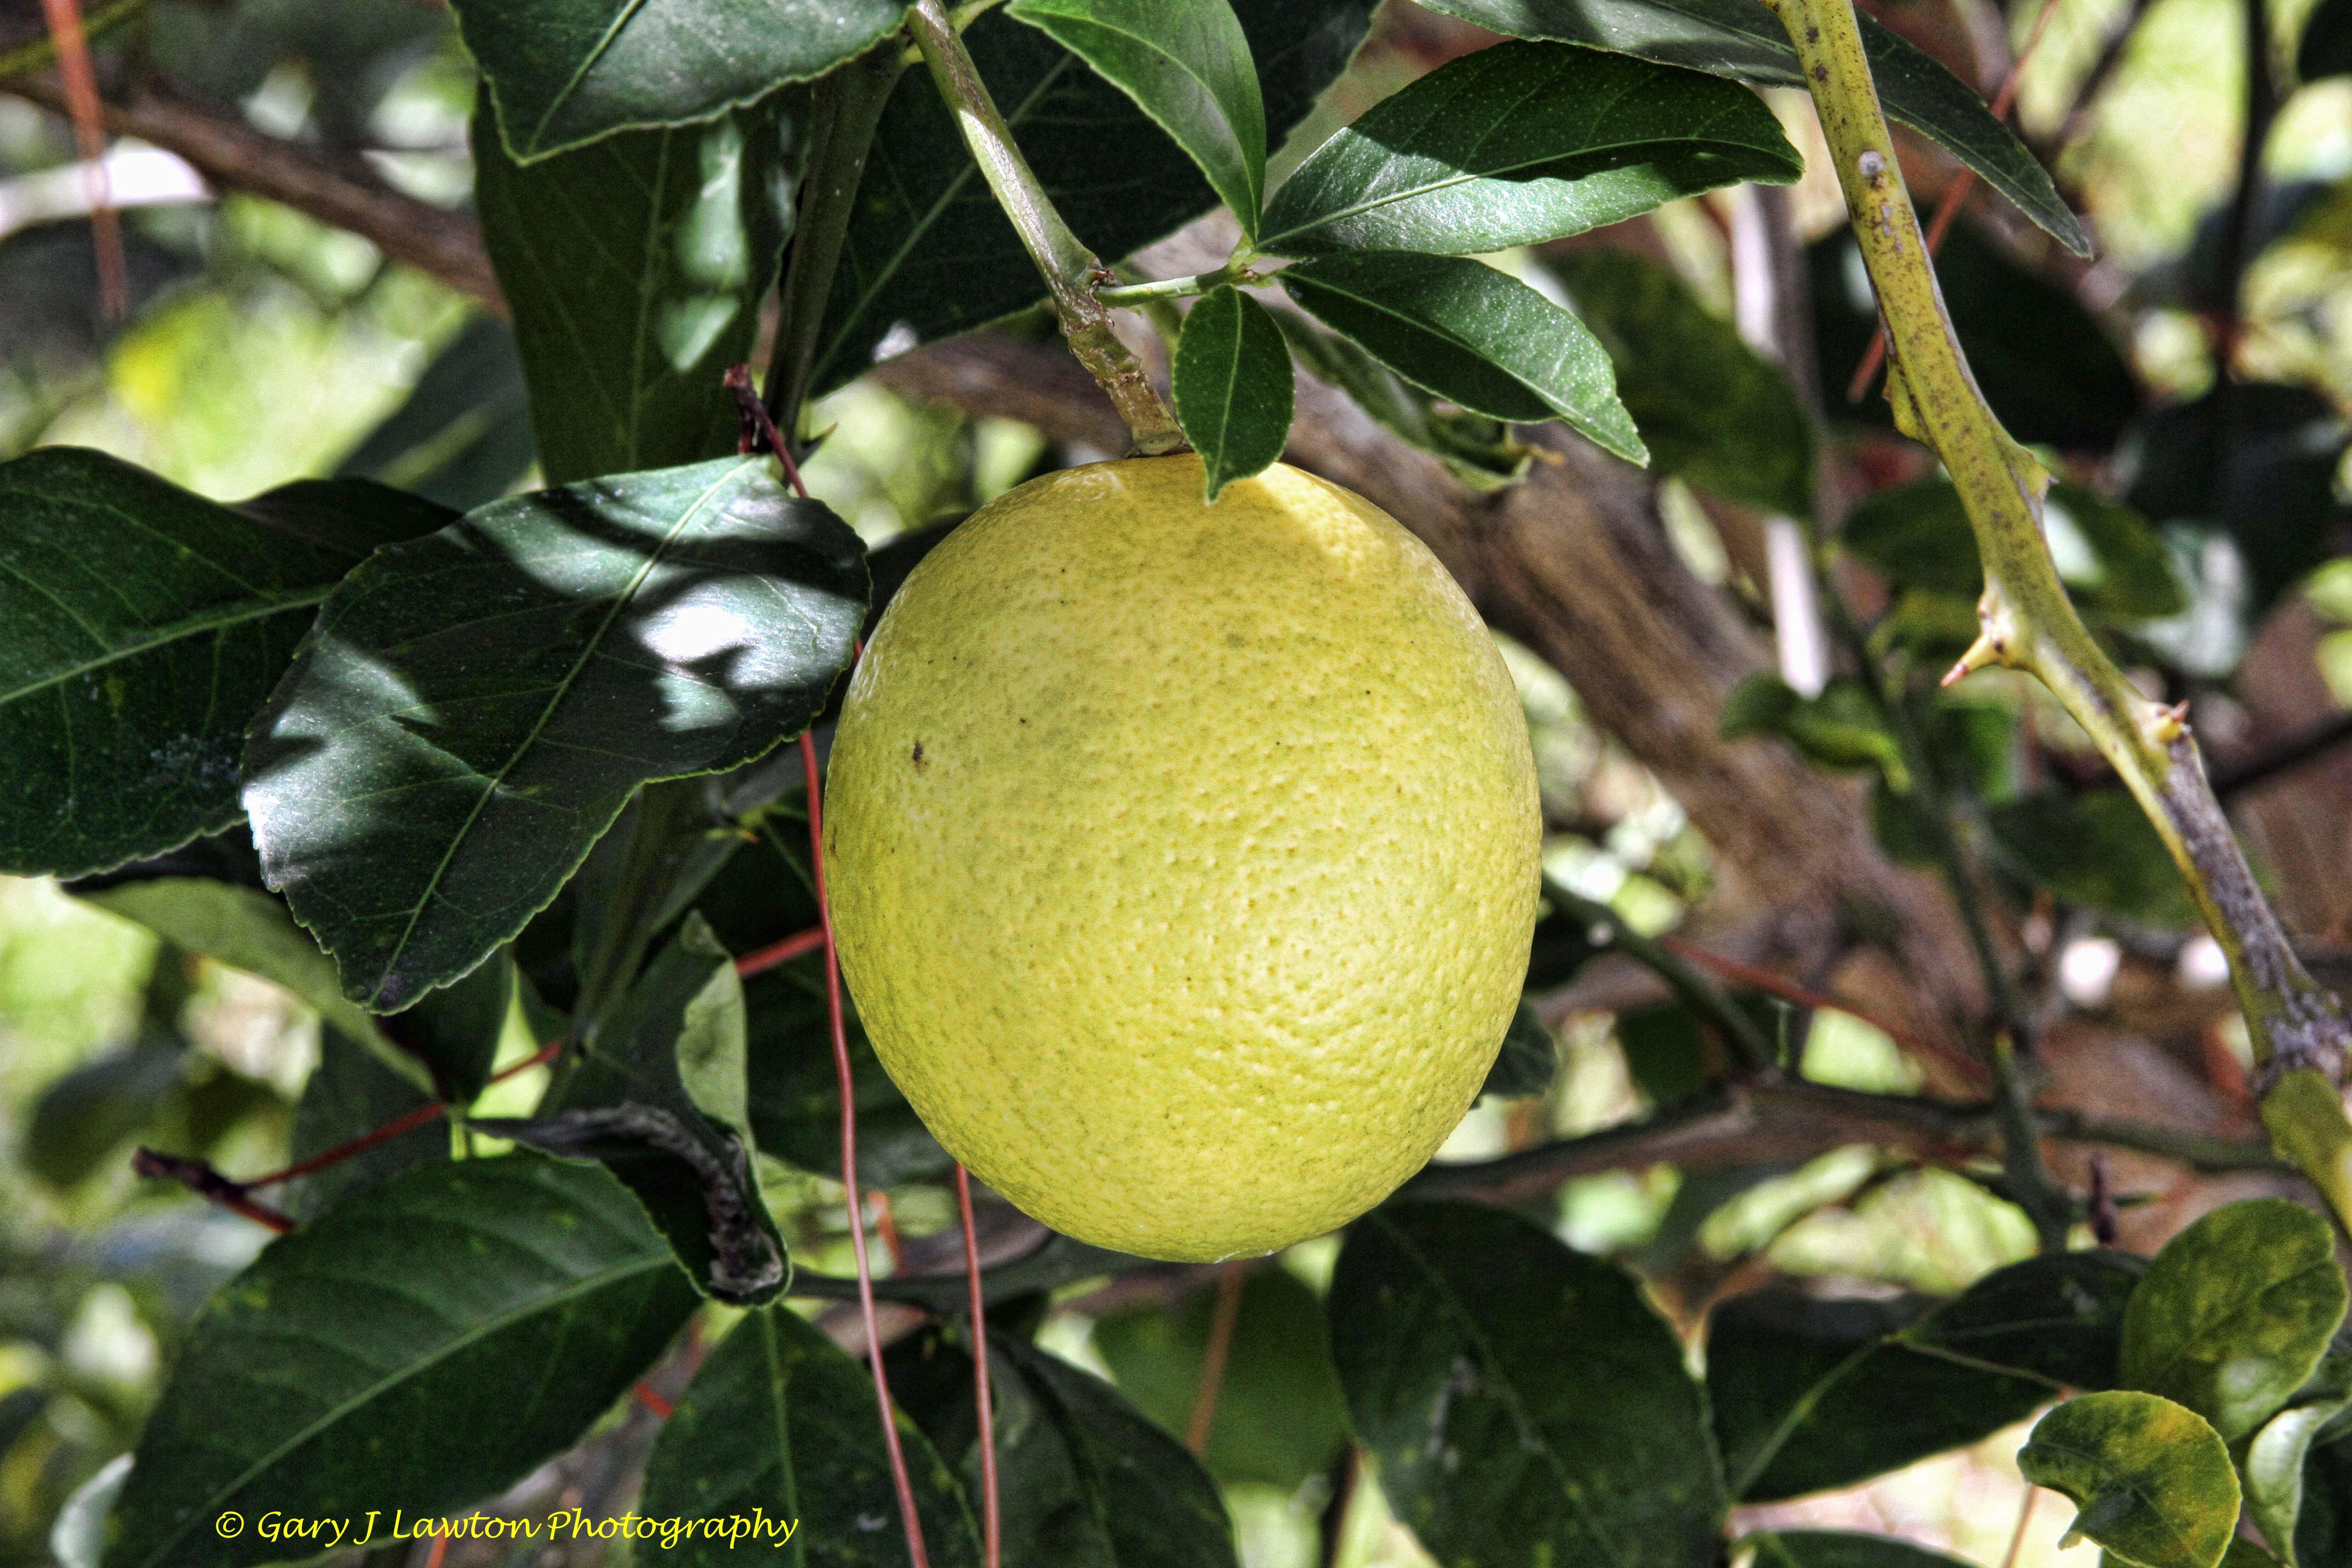 Lemons Ripen In Florida